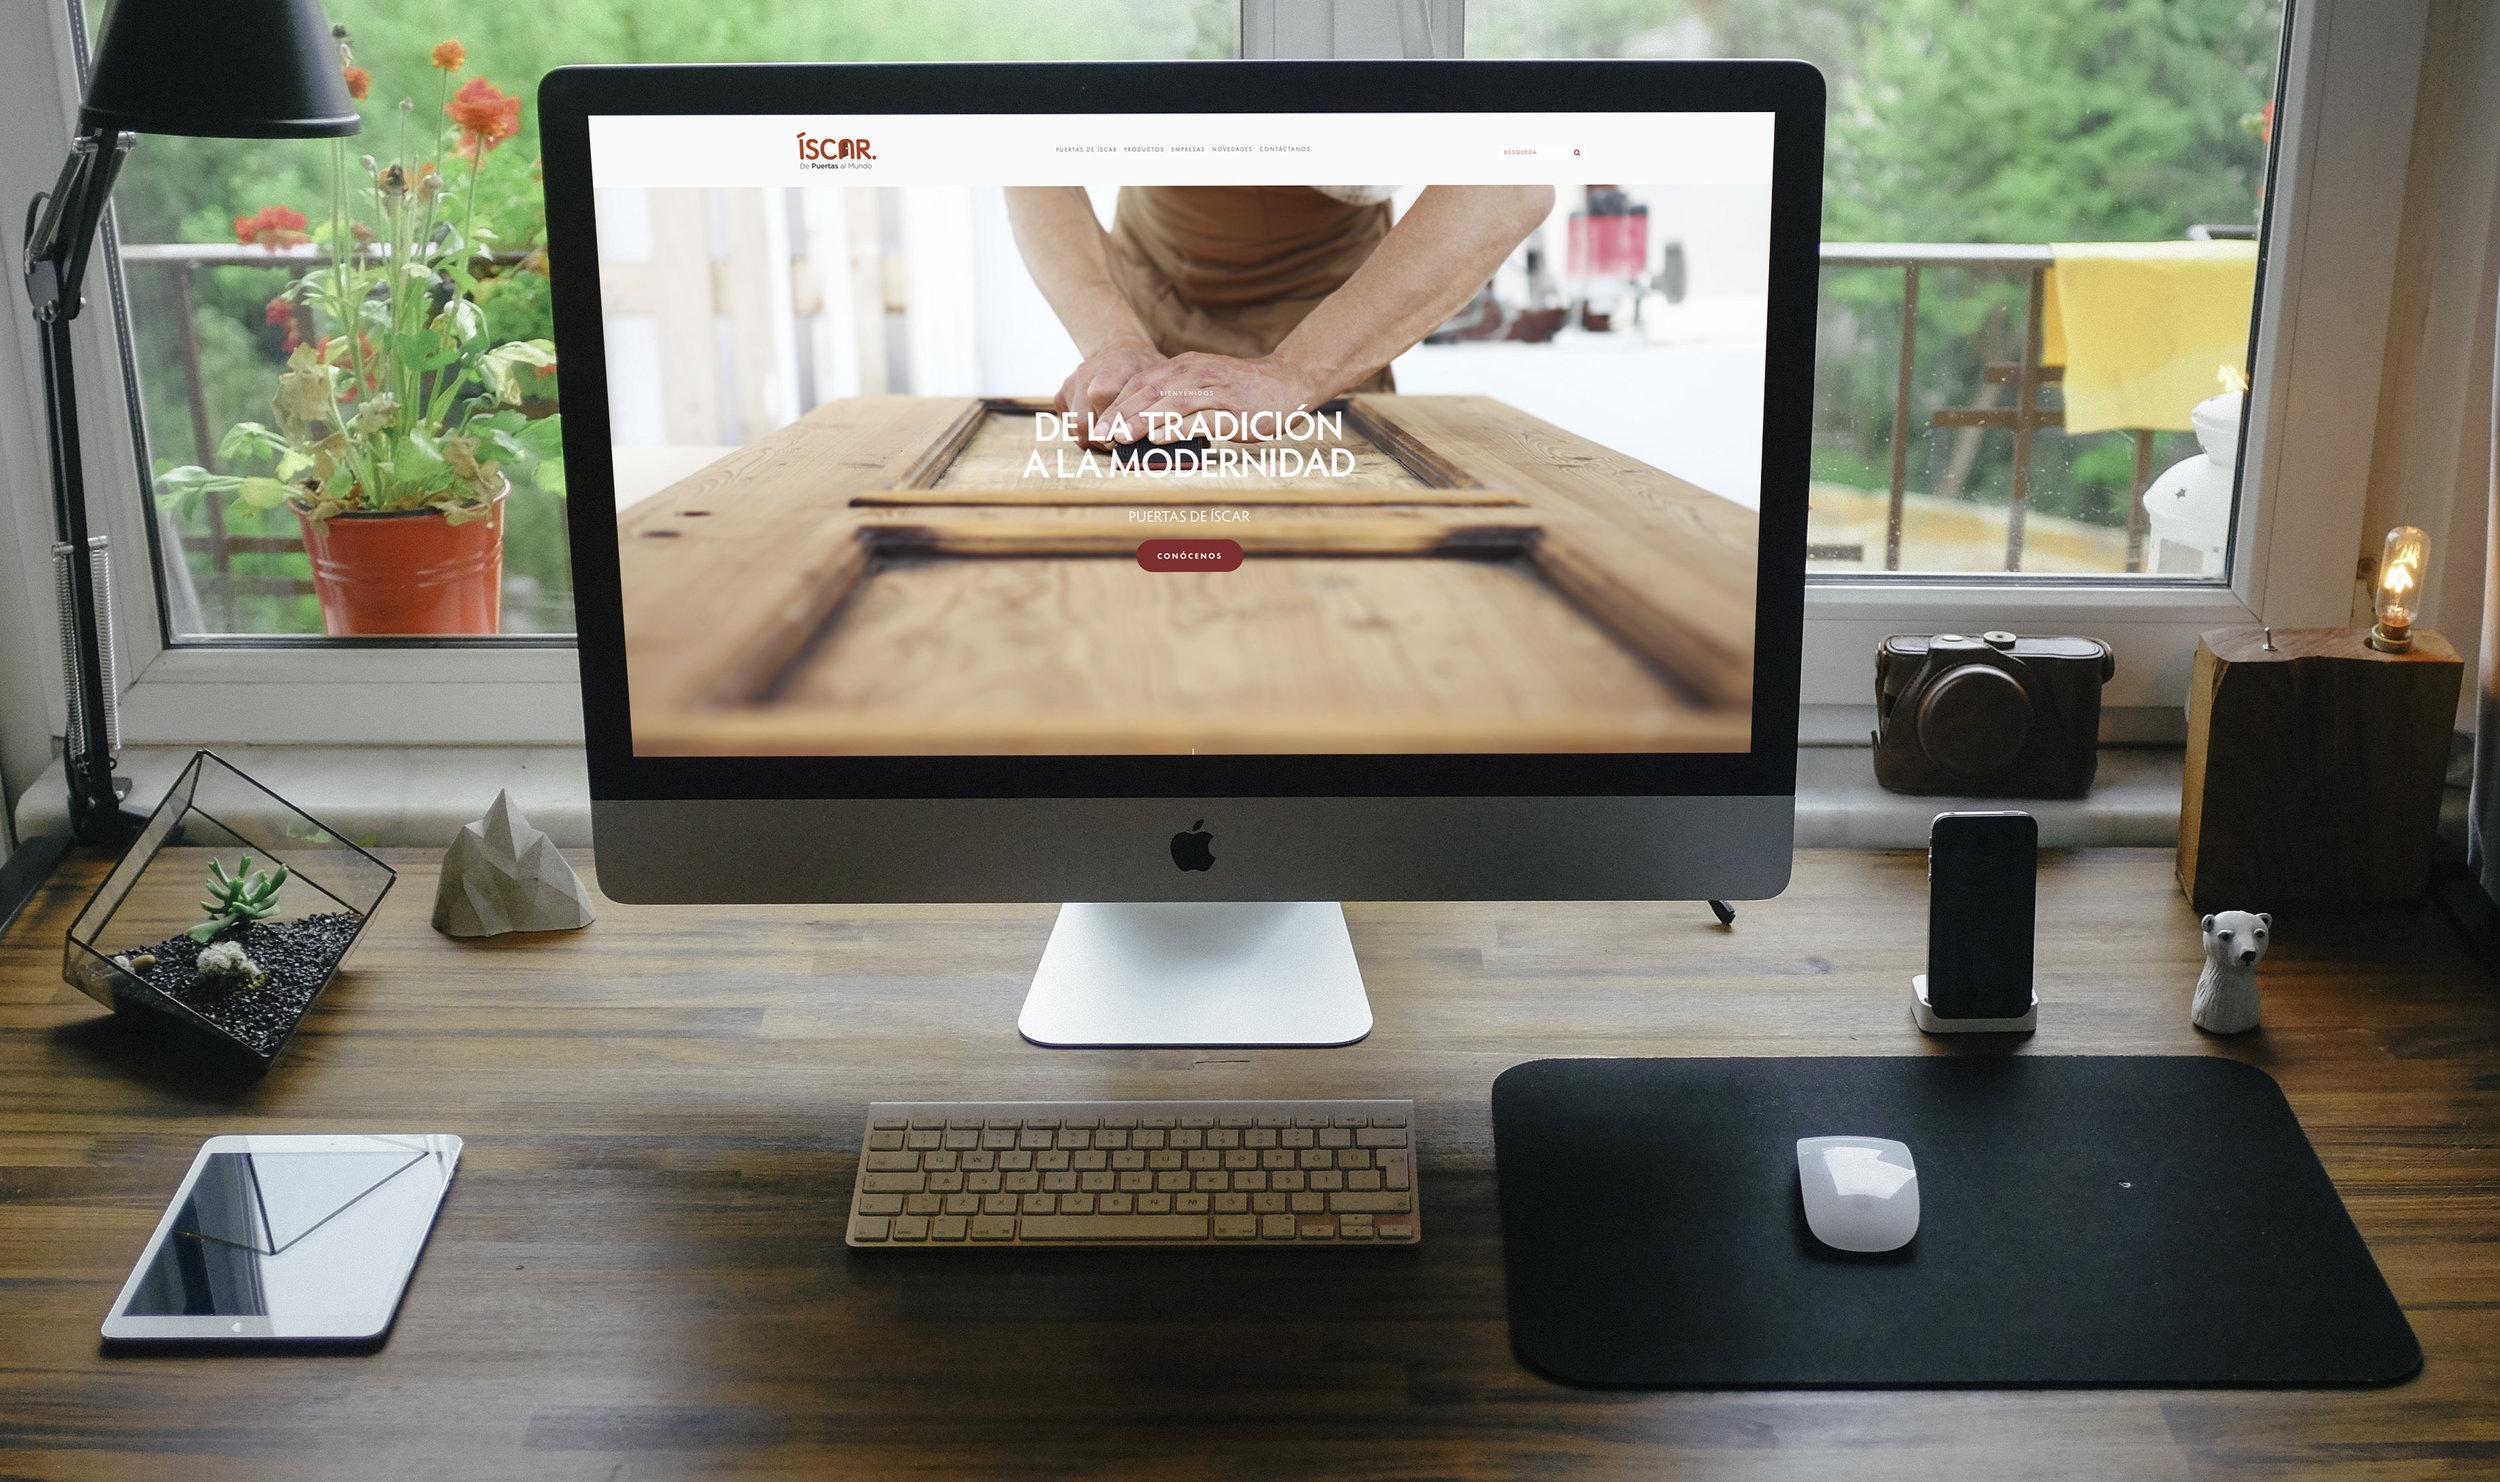 WebIscar.jpg